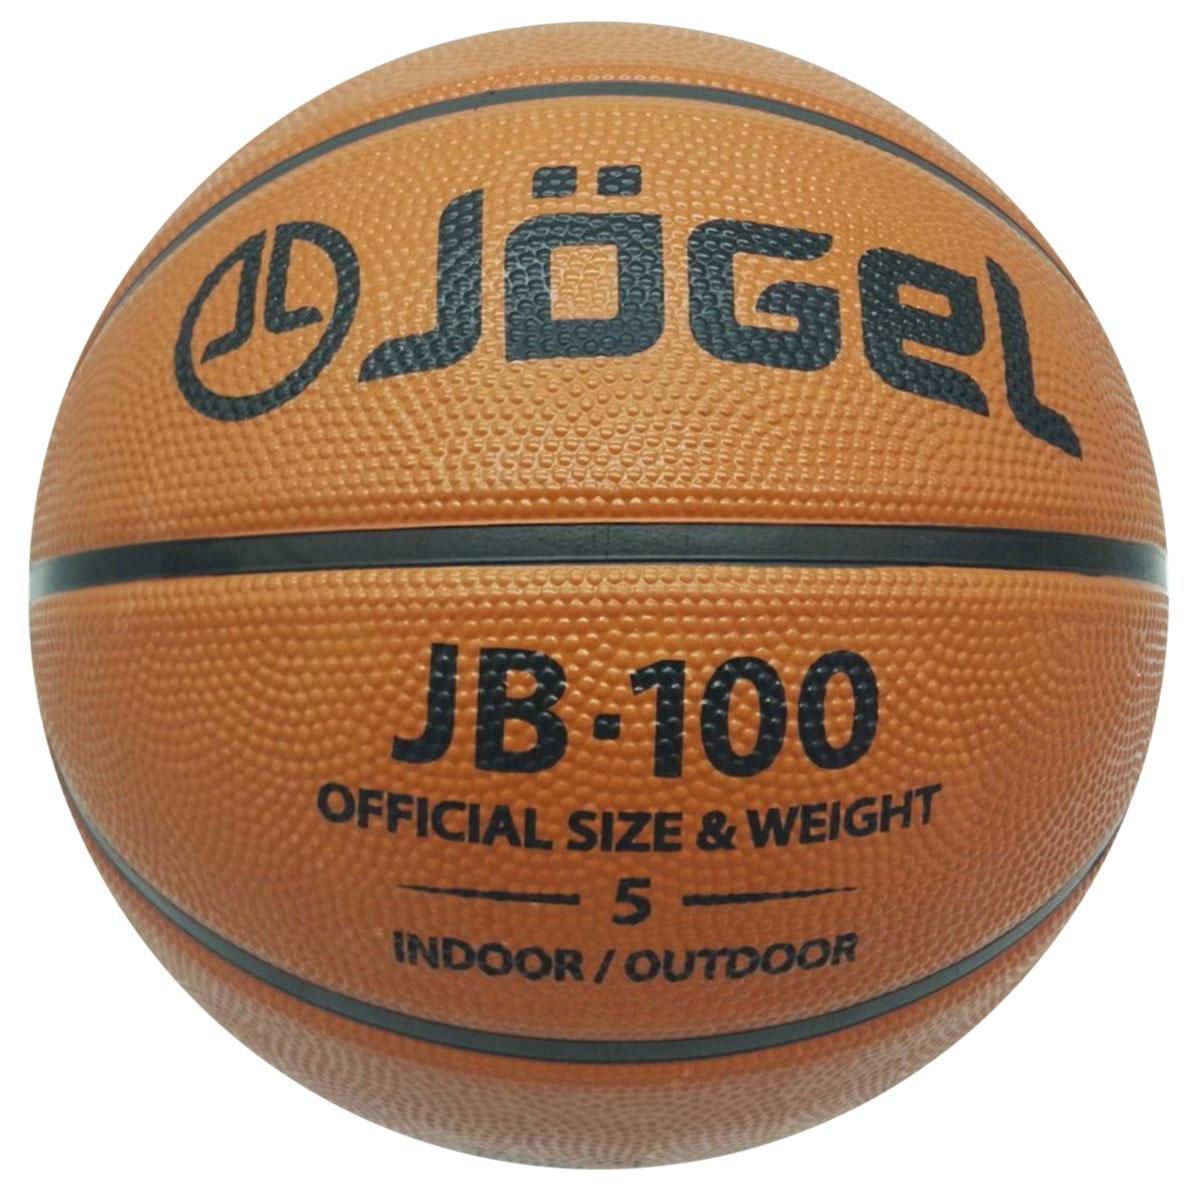 Мяч баскетбольный Jogel, цвет: коричневый. Размер 5. JB-100УТ-00009267Классический резиновый баскетбольный мяч Jogel часто используется в уличном баскетболе, учебных заведениях и СДЮШ.Покрышка мяча выполнена из износостойкой резины, поэтому с мячом можно играть на любой поверхности, как в зале, так и на улице. В создании мячей используется технология DeepChannel (глубокие каналы), благодаря которой достигается отличный контроль мяча во время броска и дриблинга.Камера выполнена из бутила.Мяч баскетбольный рекомендован для любительской игры, тренировок команд среднего уровня и любительских команд.Вес: 470-510 гр.Длина окружности: 69-71 см.Рекомендованное давление: 0.5-0.6 бар.УВАЖАЕМЫЕ КЛИЕНТЫ!Обращаем ваше внимание на тот факт, что мяч поставляется в сдутом виде. Насос в комплект не входит.